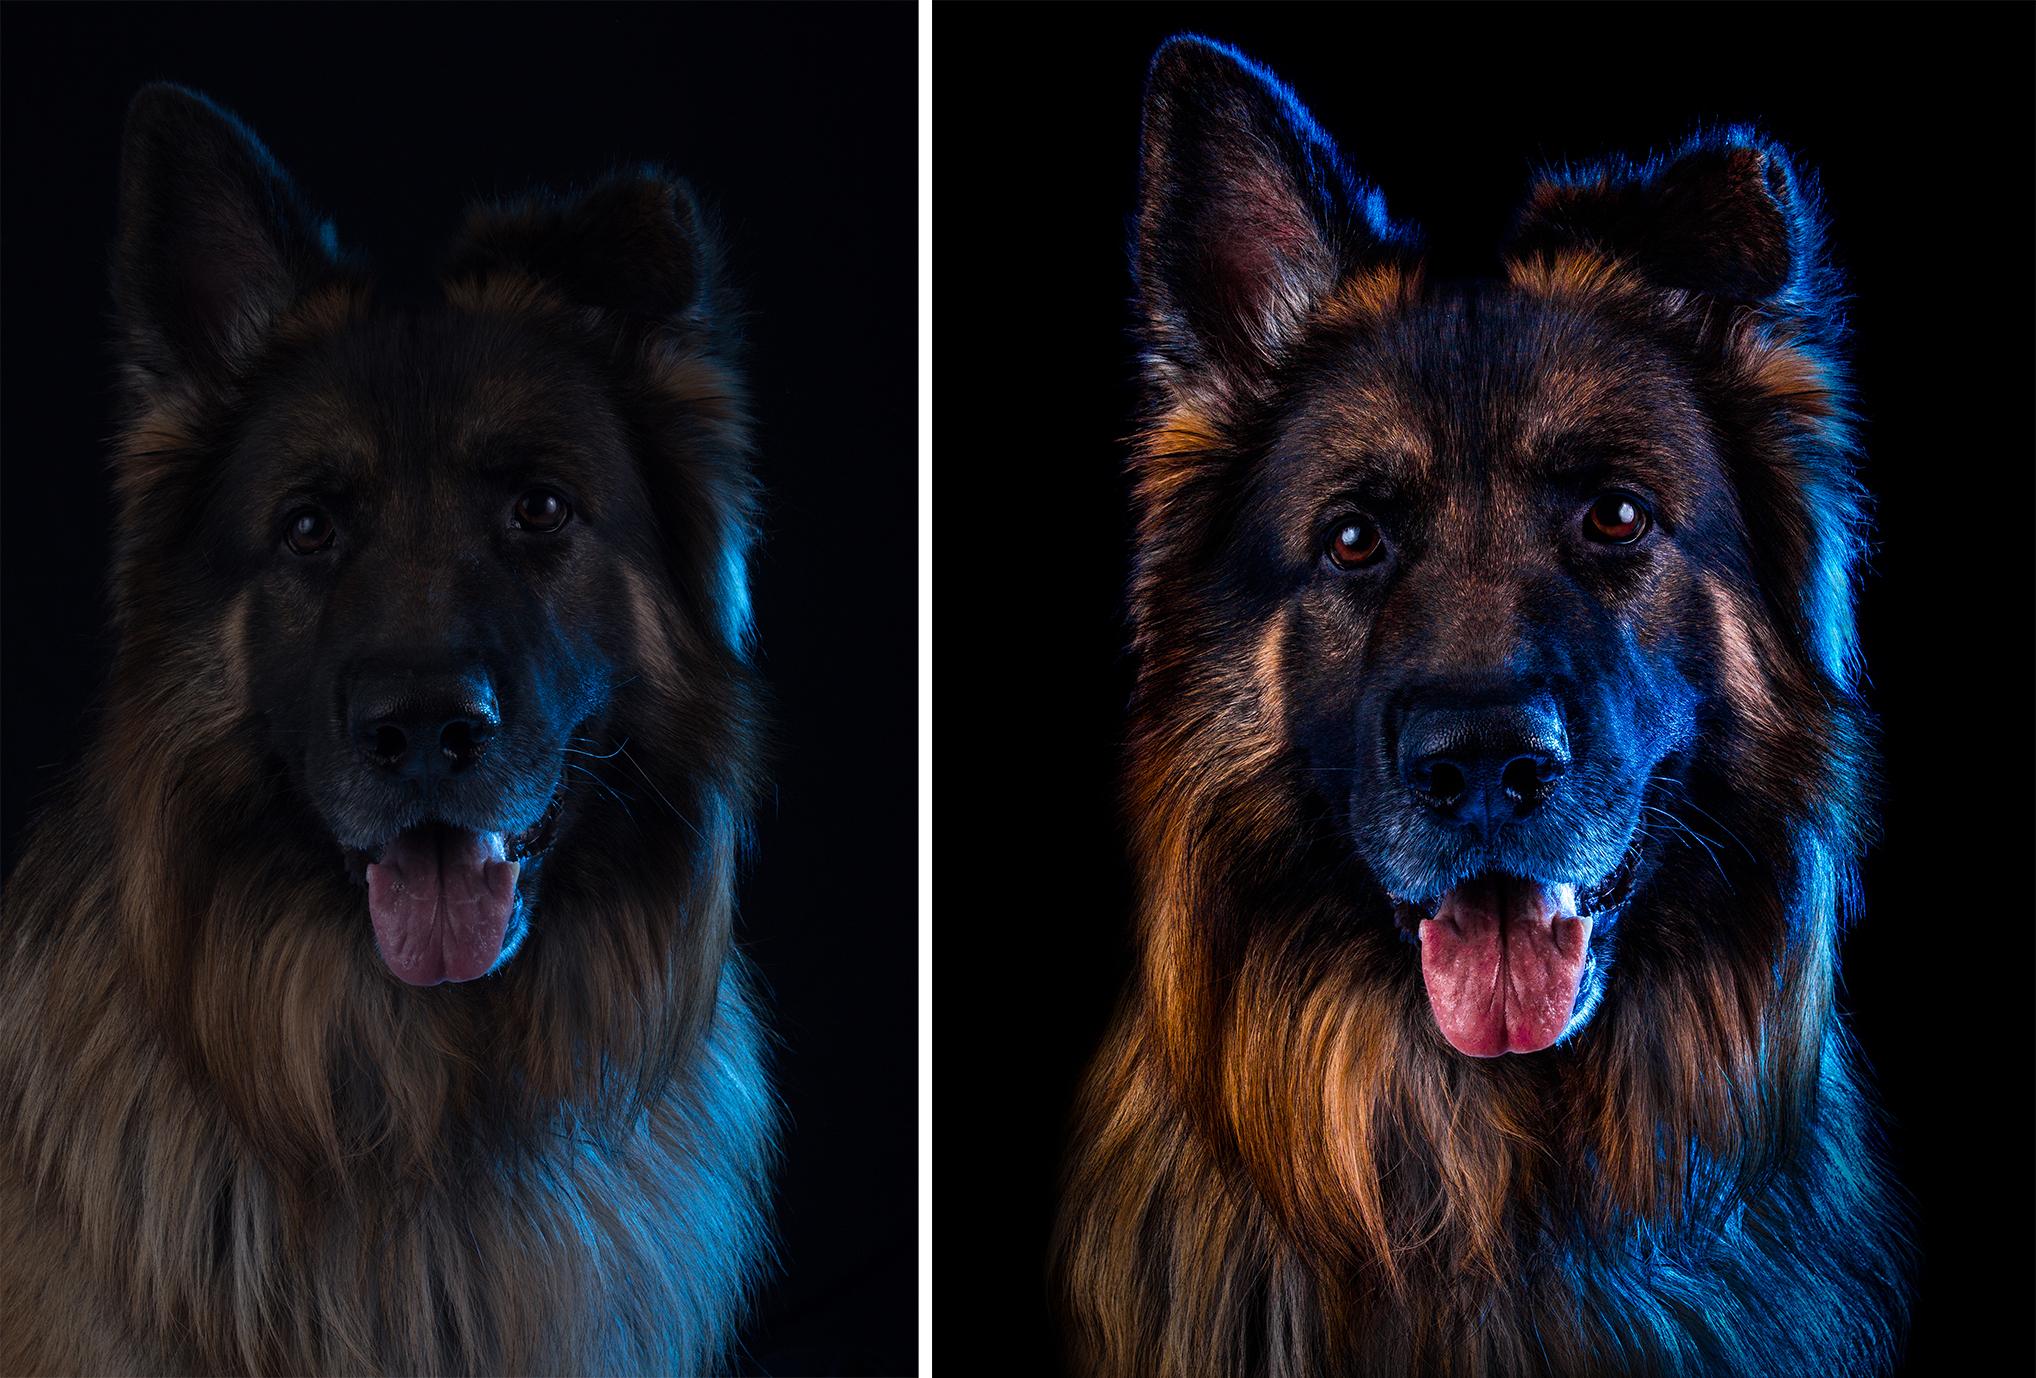 German Shepherd Portrait - Before and After.jpg